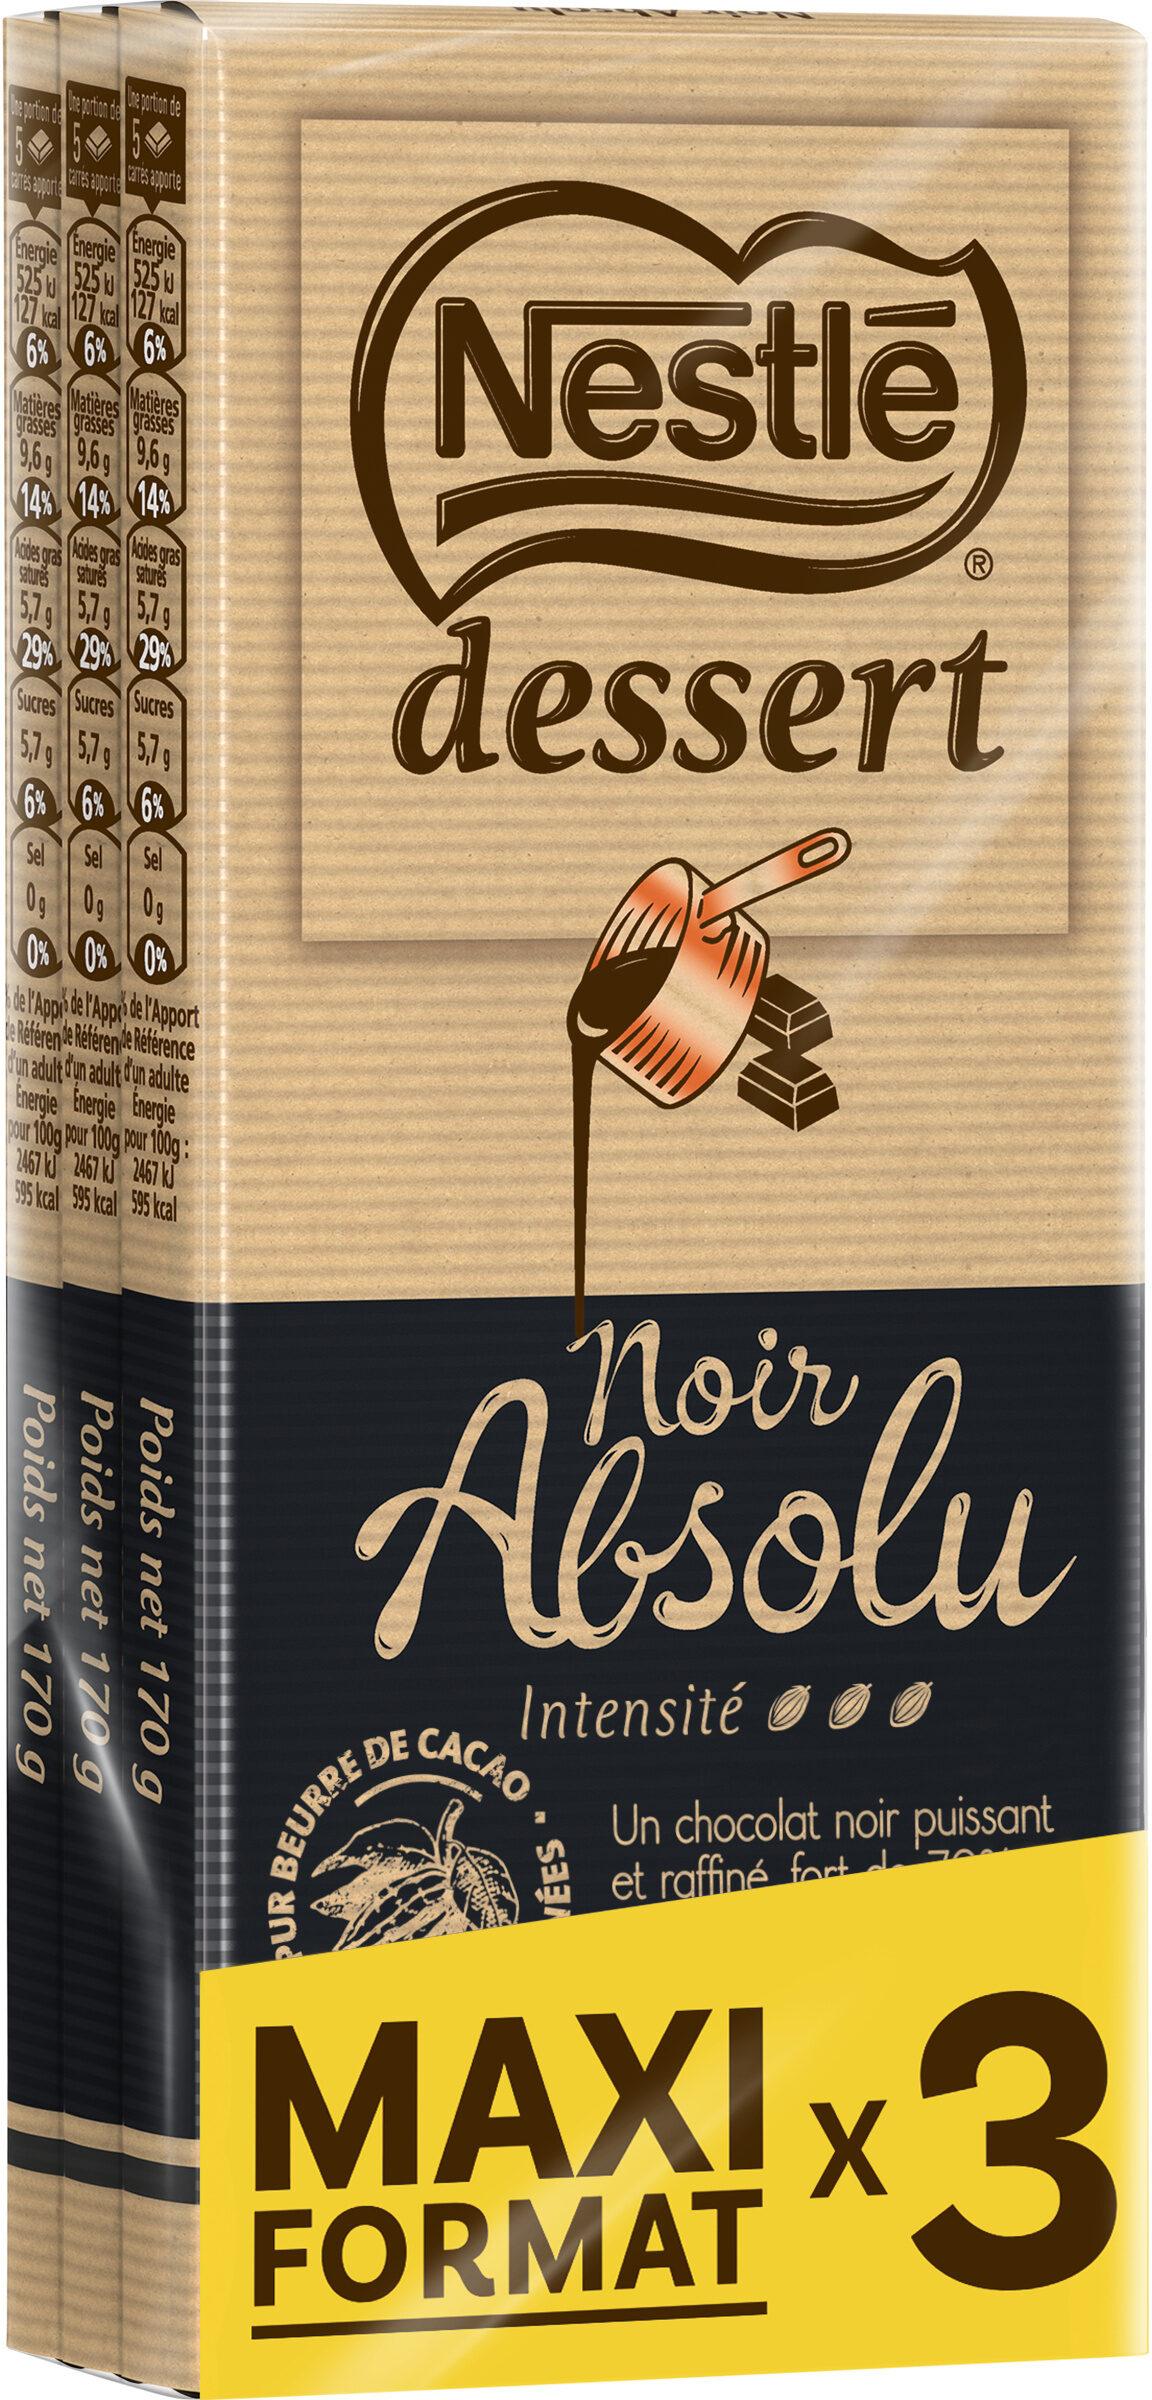 NESTLE DESSERT Noir Absolu 3x170g - Prodotto - fr